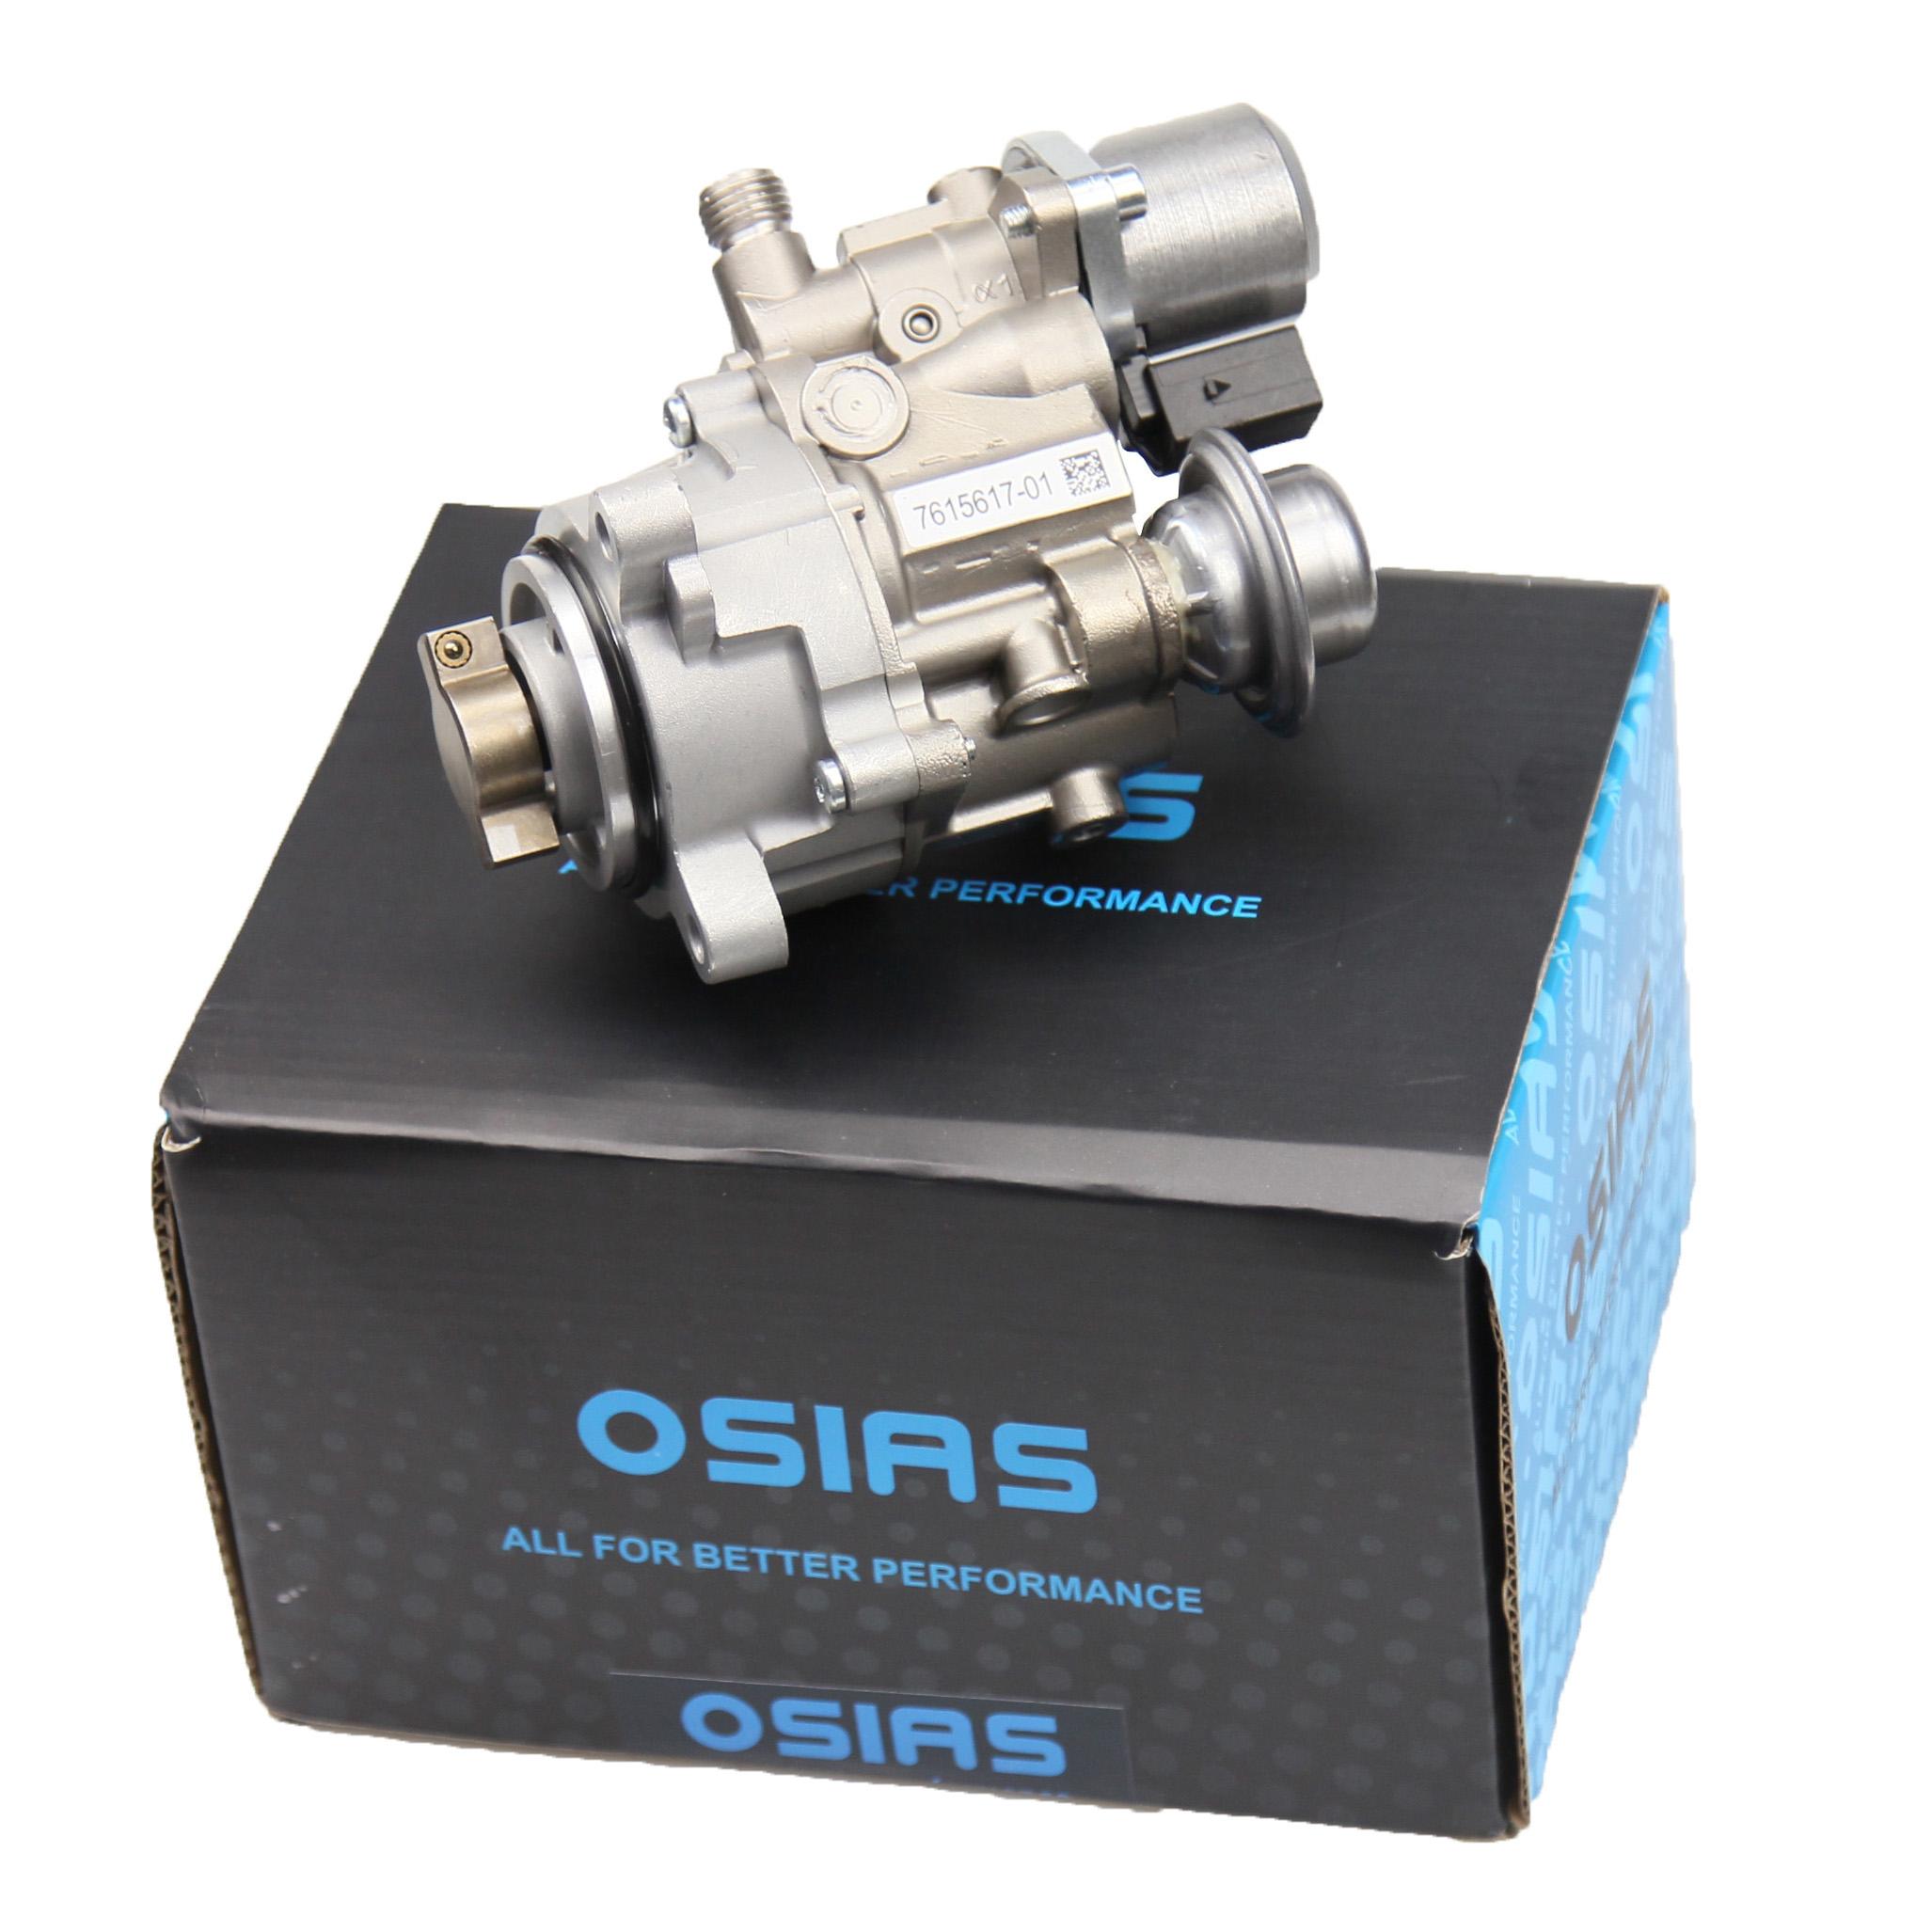 Details about High Pressure Fuel Pump For BMW N54/N55 Engine335i 535i +  Fuel Pressure Sensor